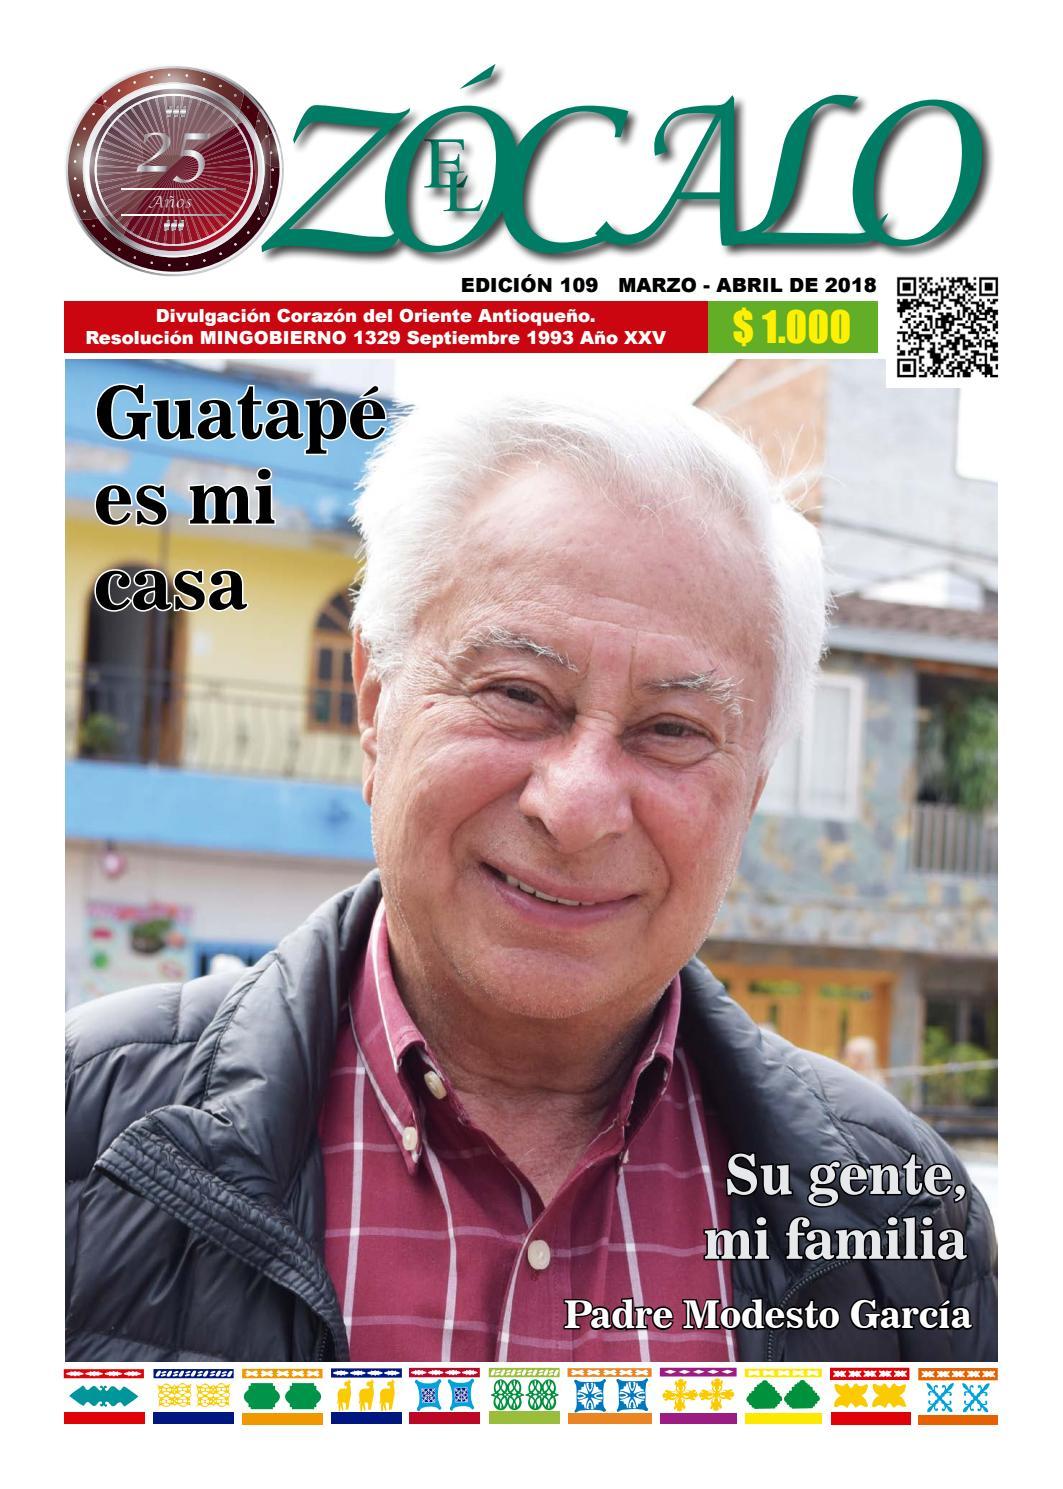 Hombres Solteros - 998500